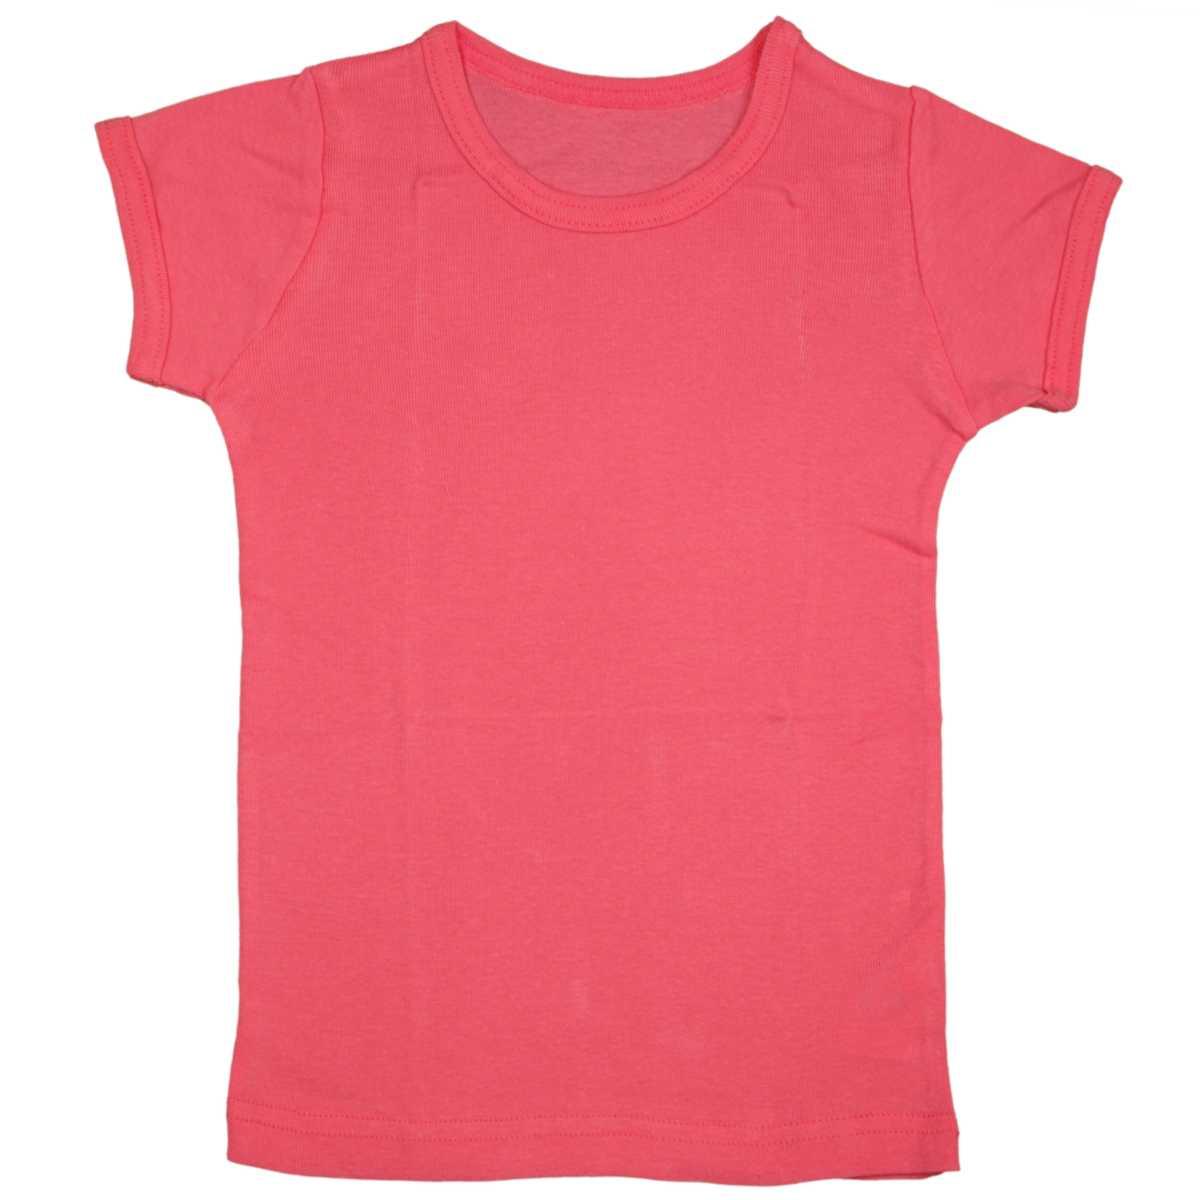 男女兼用 ベビー フライス肌着 綿100% 無地 半袖肌着シャツ おなまえネームつき 男の子 女の子 (ピンク 80cm 90cm 95cm) ガールズ ベビー 下着 全5色